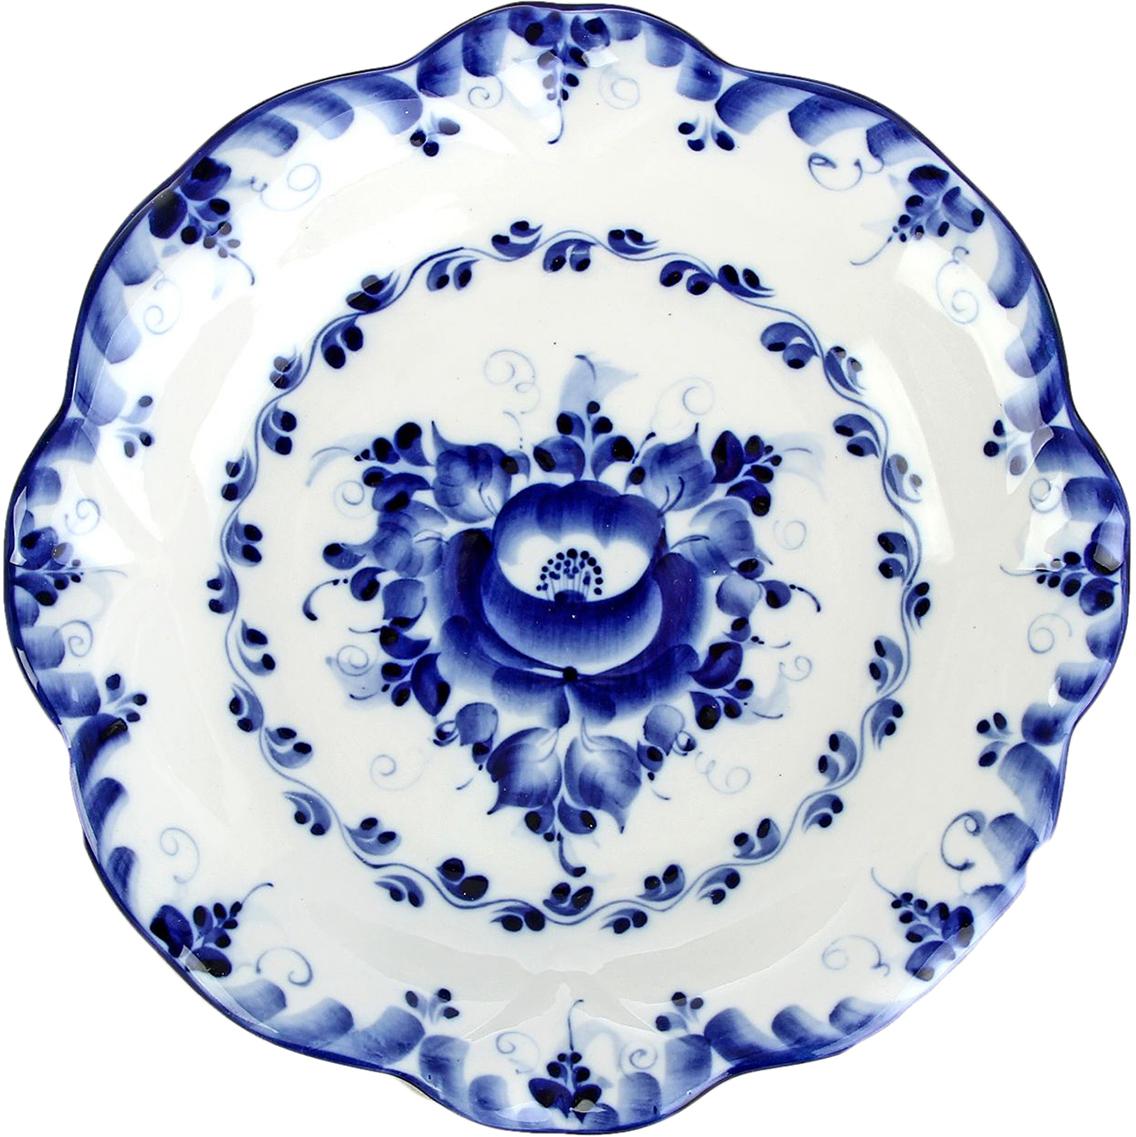 Тарелка Sima-Land Блинница, диаметр 23,5 см847721Очаруйте ваших гостей красотой, украсив стол посудой в технике Гжель. Она изготовлена вручную и декорирована авторской росписью. Такое изделие станет прекрасным и изящным нарядом в интерьере кухни у любой хозяйки. Употреблять пищу из такой посуды — одно удовольствие. Говорят, что даже мясо и рыба приобретают необычайный приятный вкус, а чаепитие превращается в традиционную русскую чайную церемонию. Гжель словно вобрала в себя красоту русской зимы: белизну снега, твердость льда, сияние инея, вычурность морозных узоров, синеву неба в ясные дни. Высокохудожественные изделия привнесут в Ваш дом особое настроение и станут незабываемым подарком.